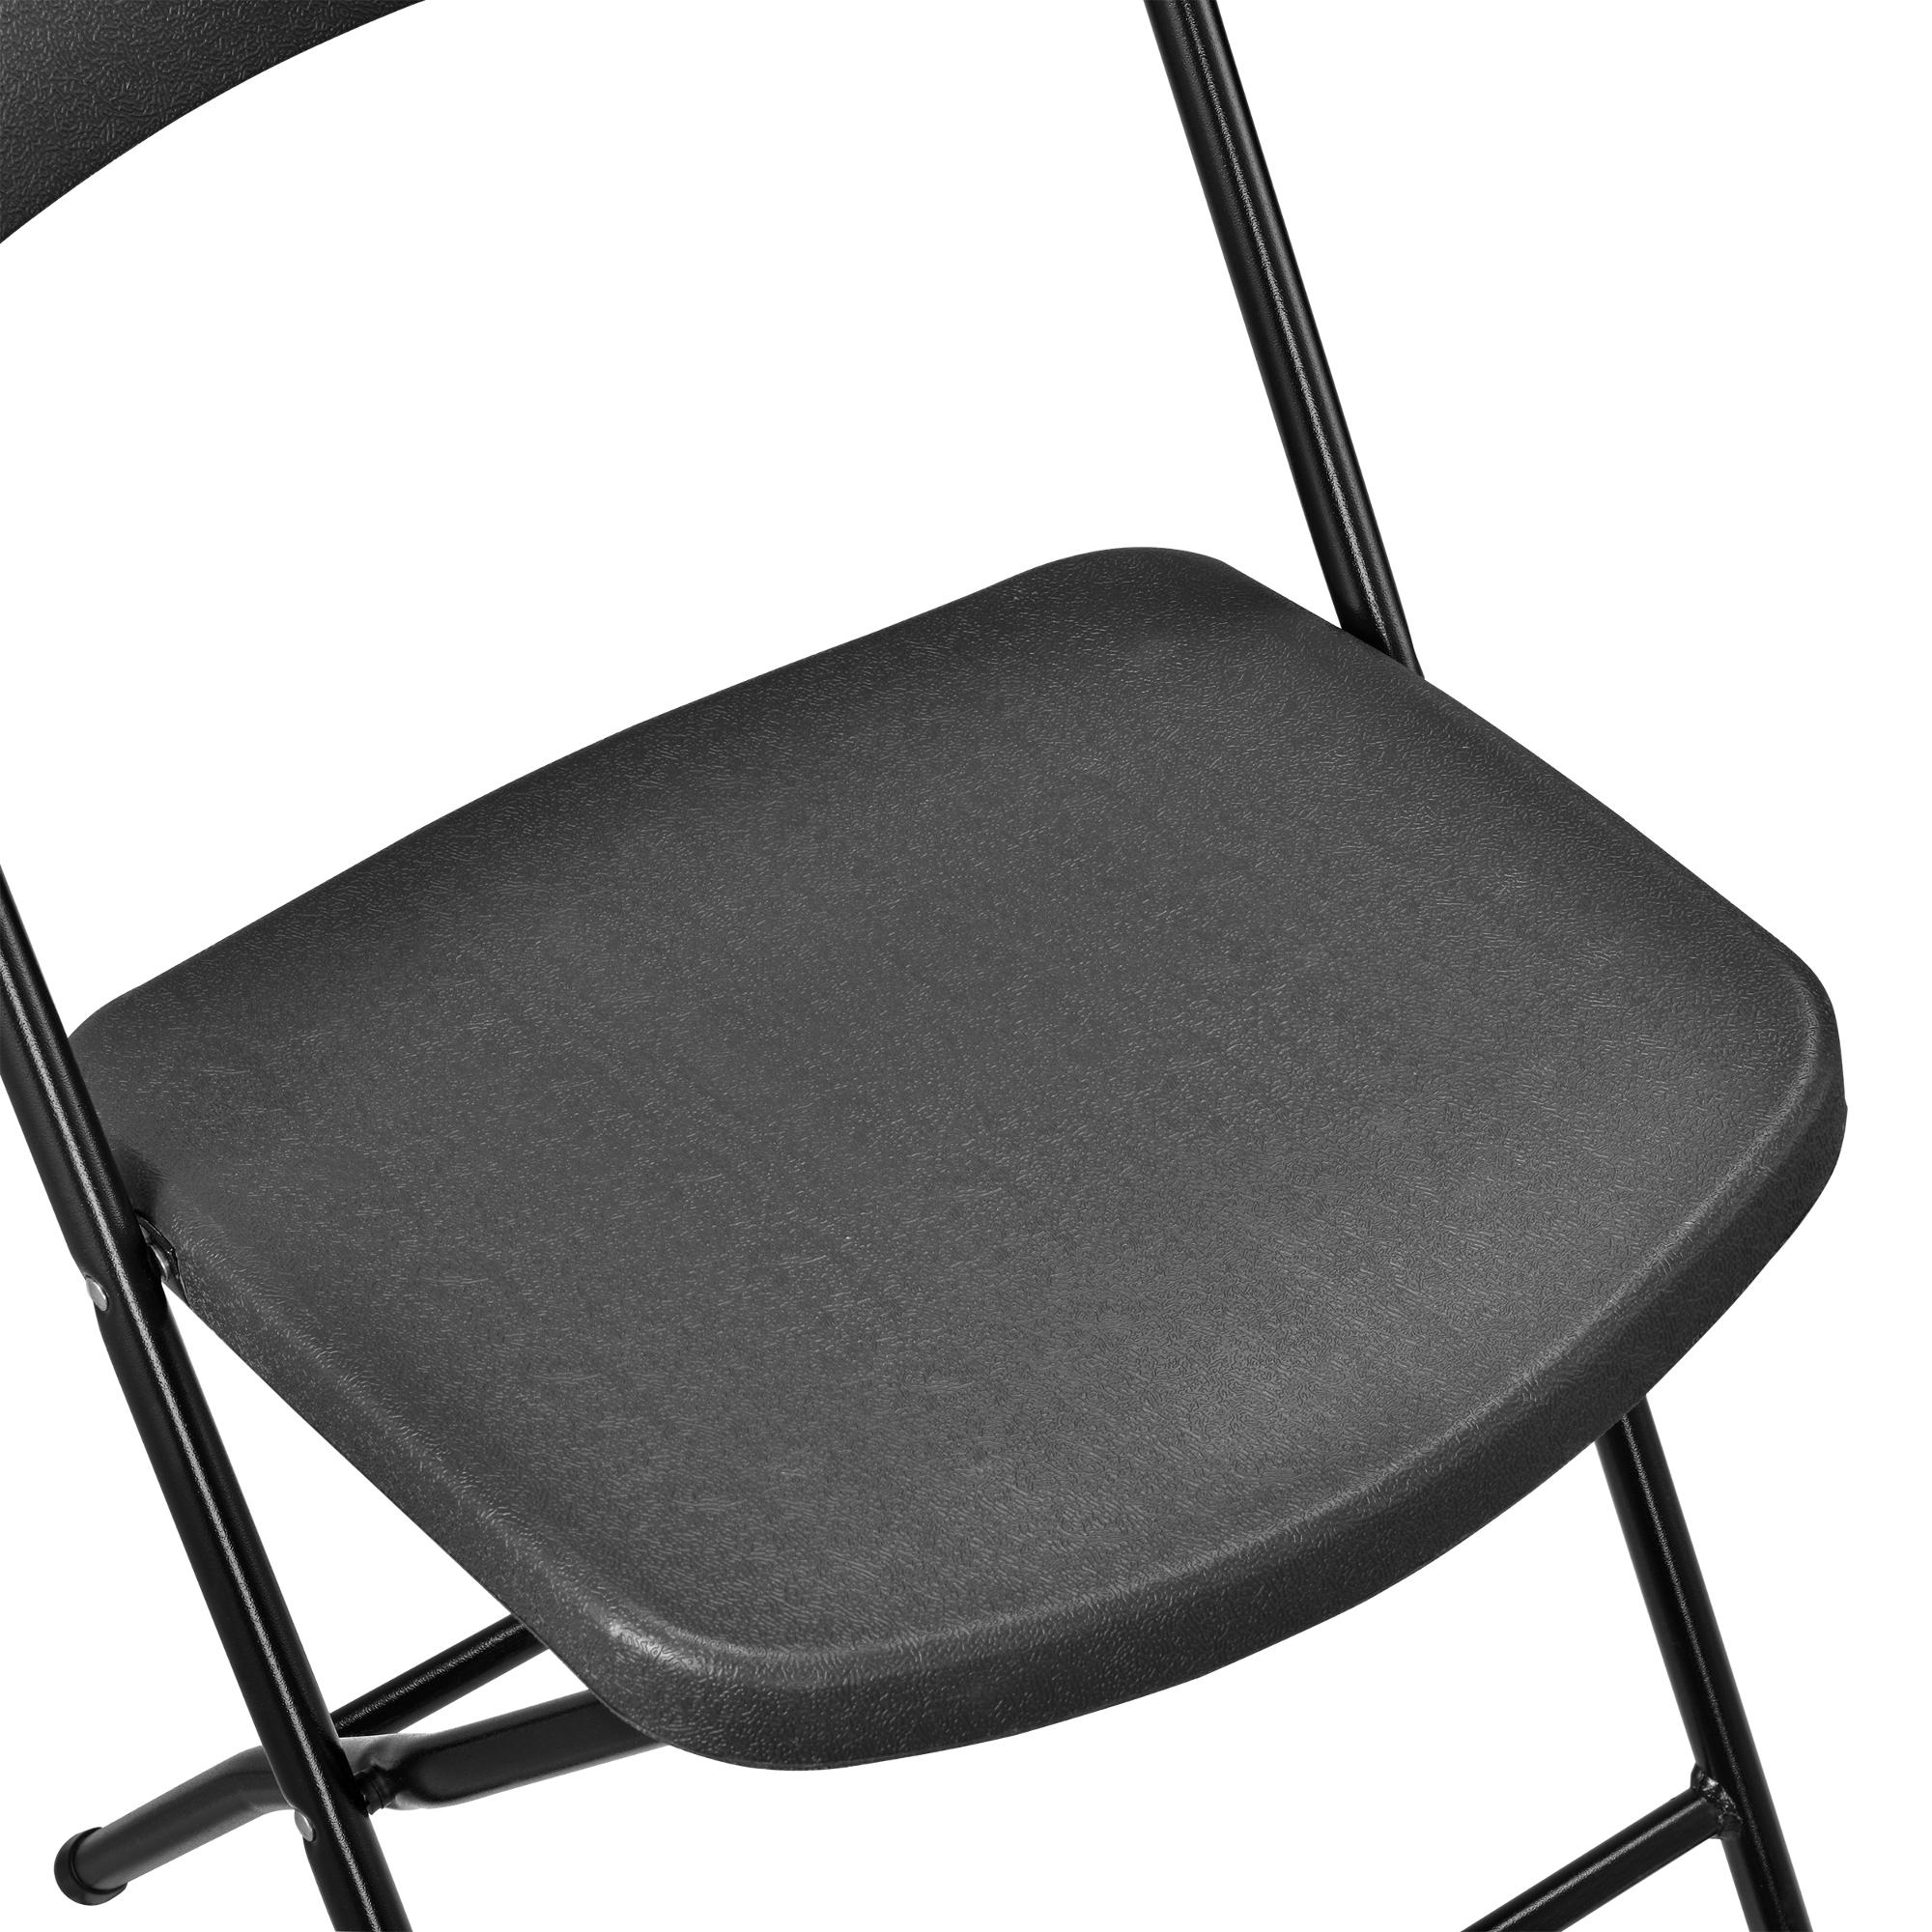 Détails Sur [Casa.pro] 2X Chaise Pliante Camping Gris Banquette Pliante  Jardin Chaise pour Casa Chaise De Jardin